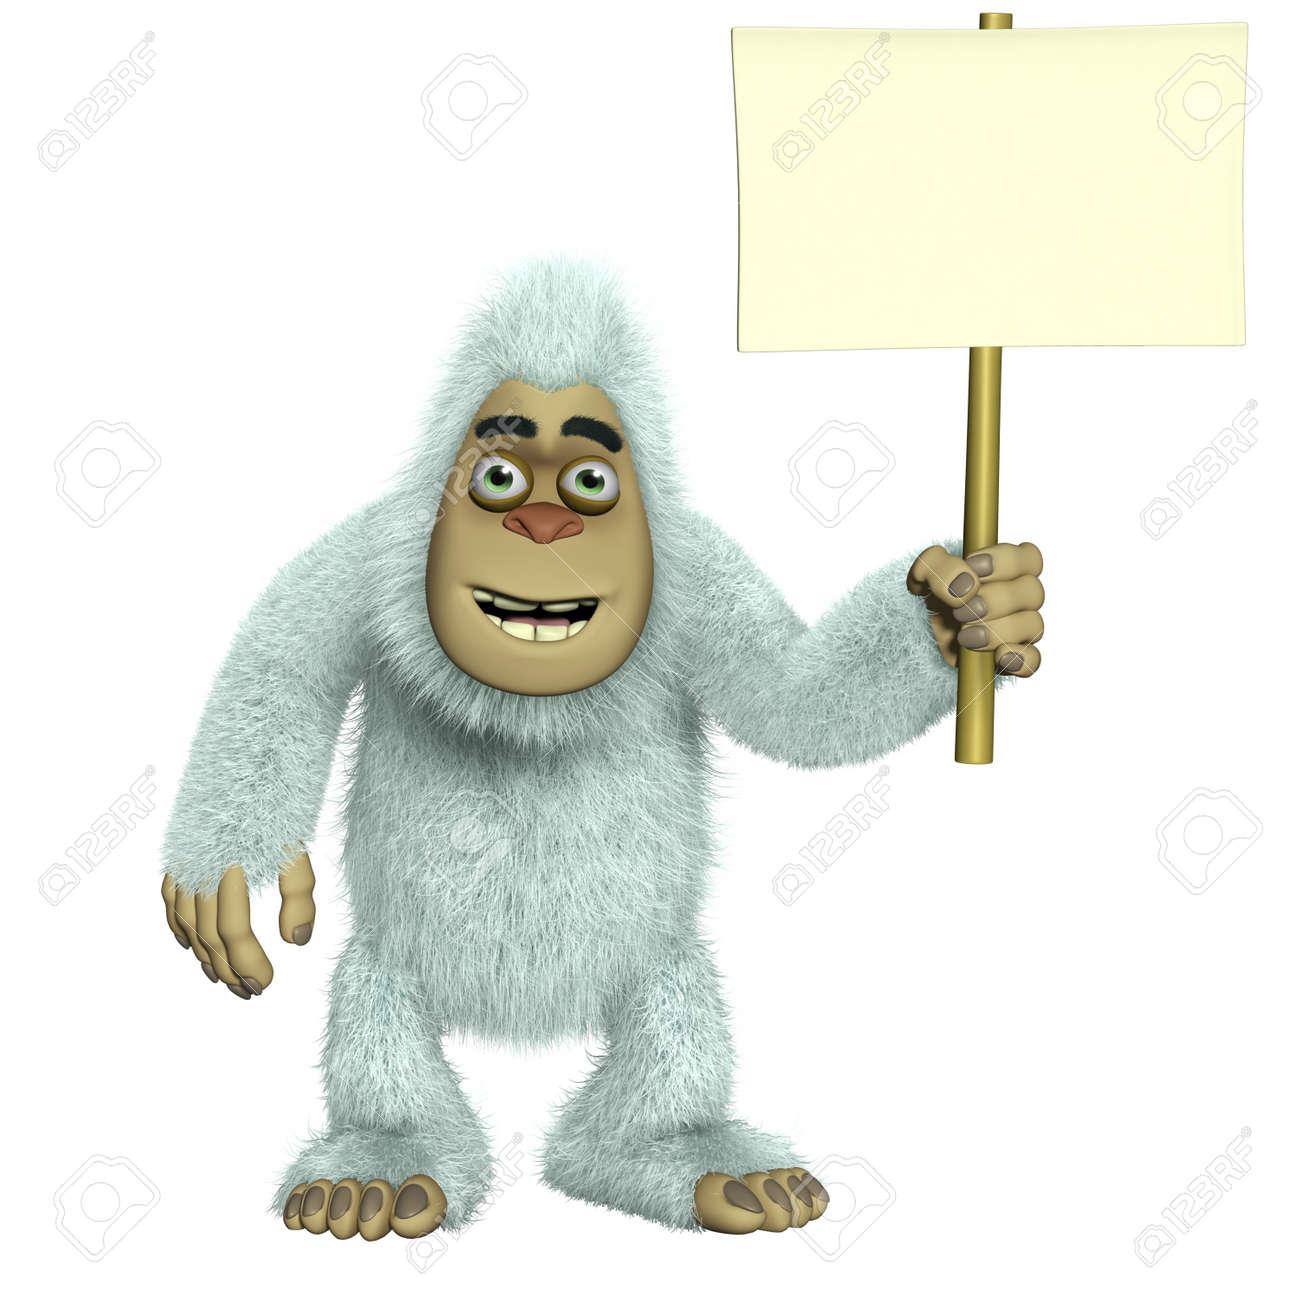 white yeti holding  blank Stock Photo - 15731915